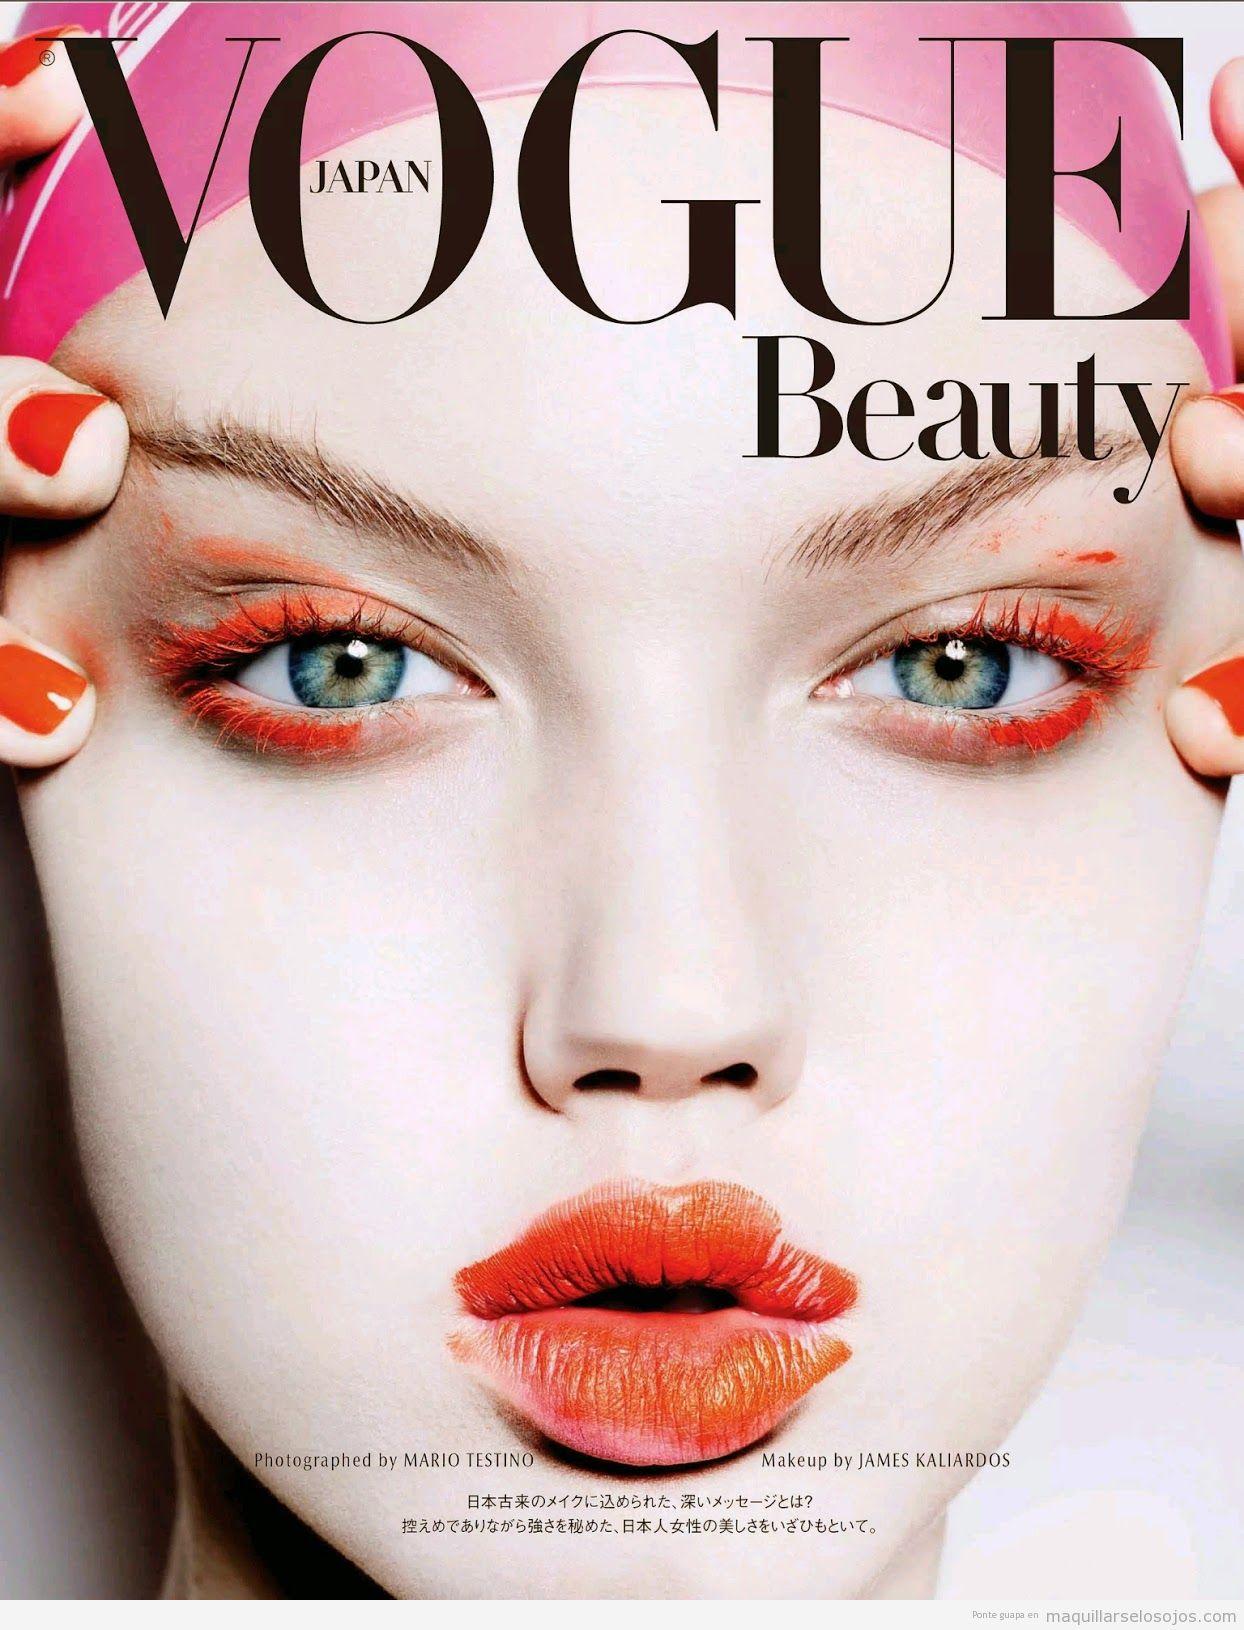 Maquillaje de ojos, Lindsey Wixson en Vogue Japón Noviembre 2014 issue